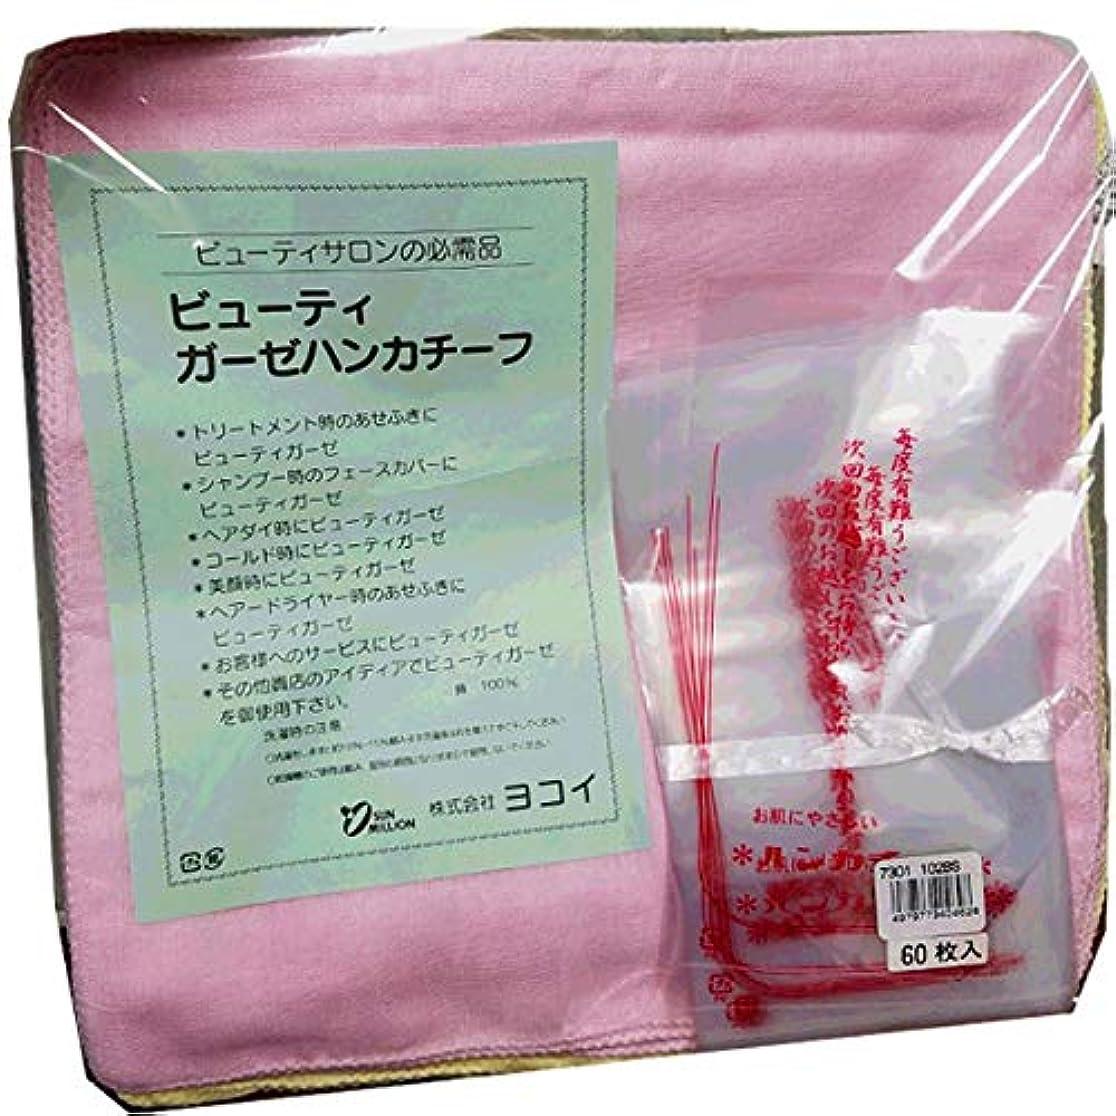 ブラウザ虫を数える変なヨコイ フェイスガーゼ メロー 5ダース(60枚入) ピンク?ブルー?イエロー3色 131BS